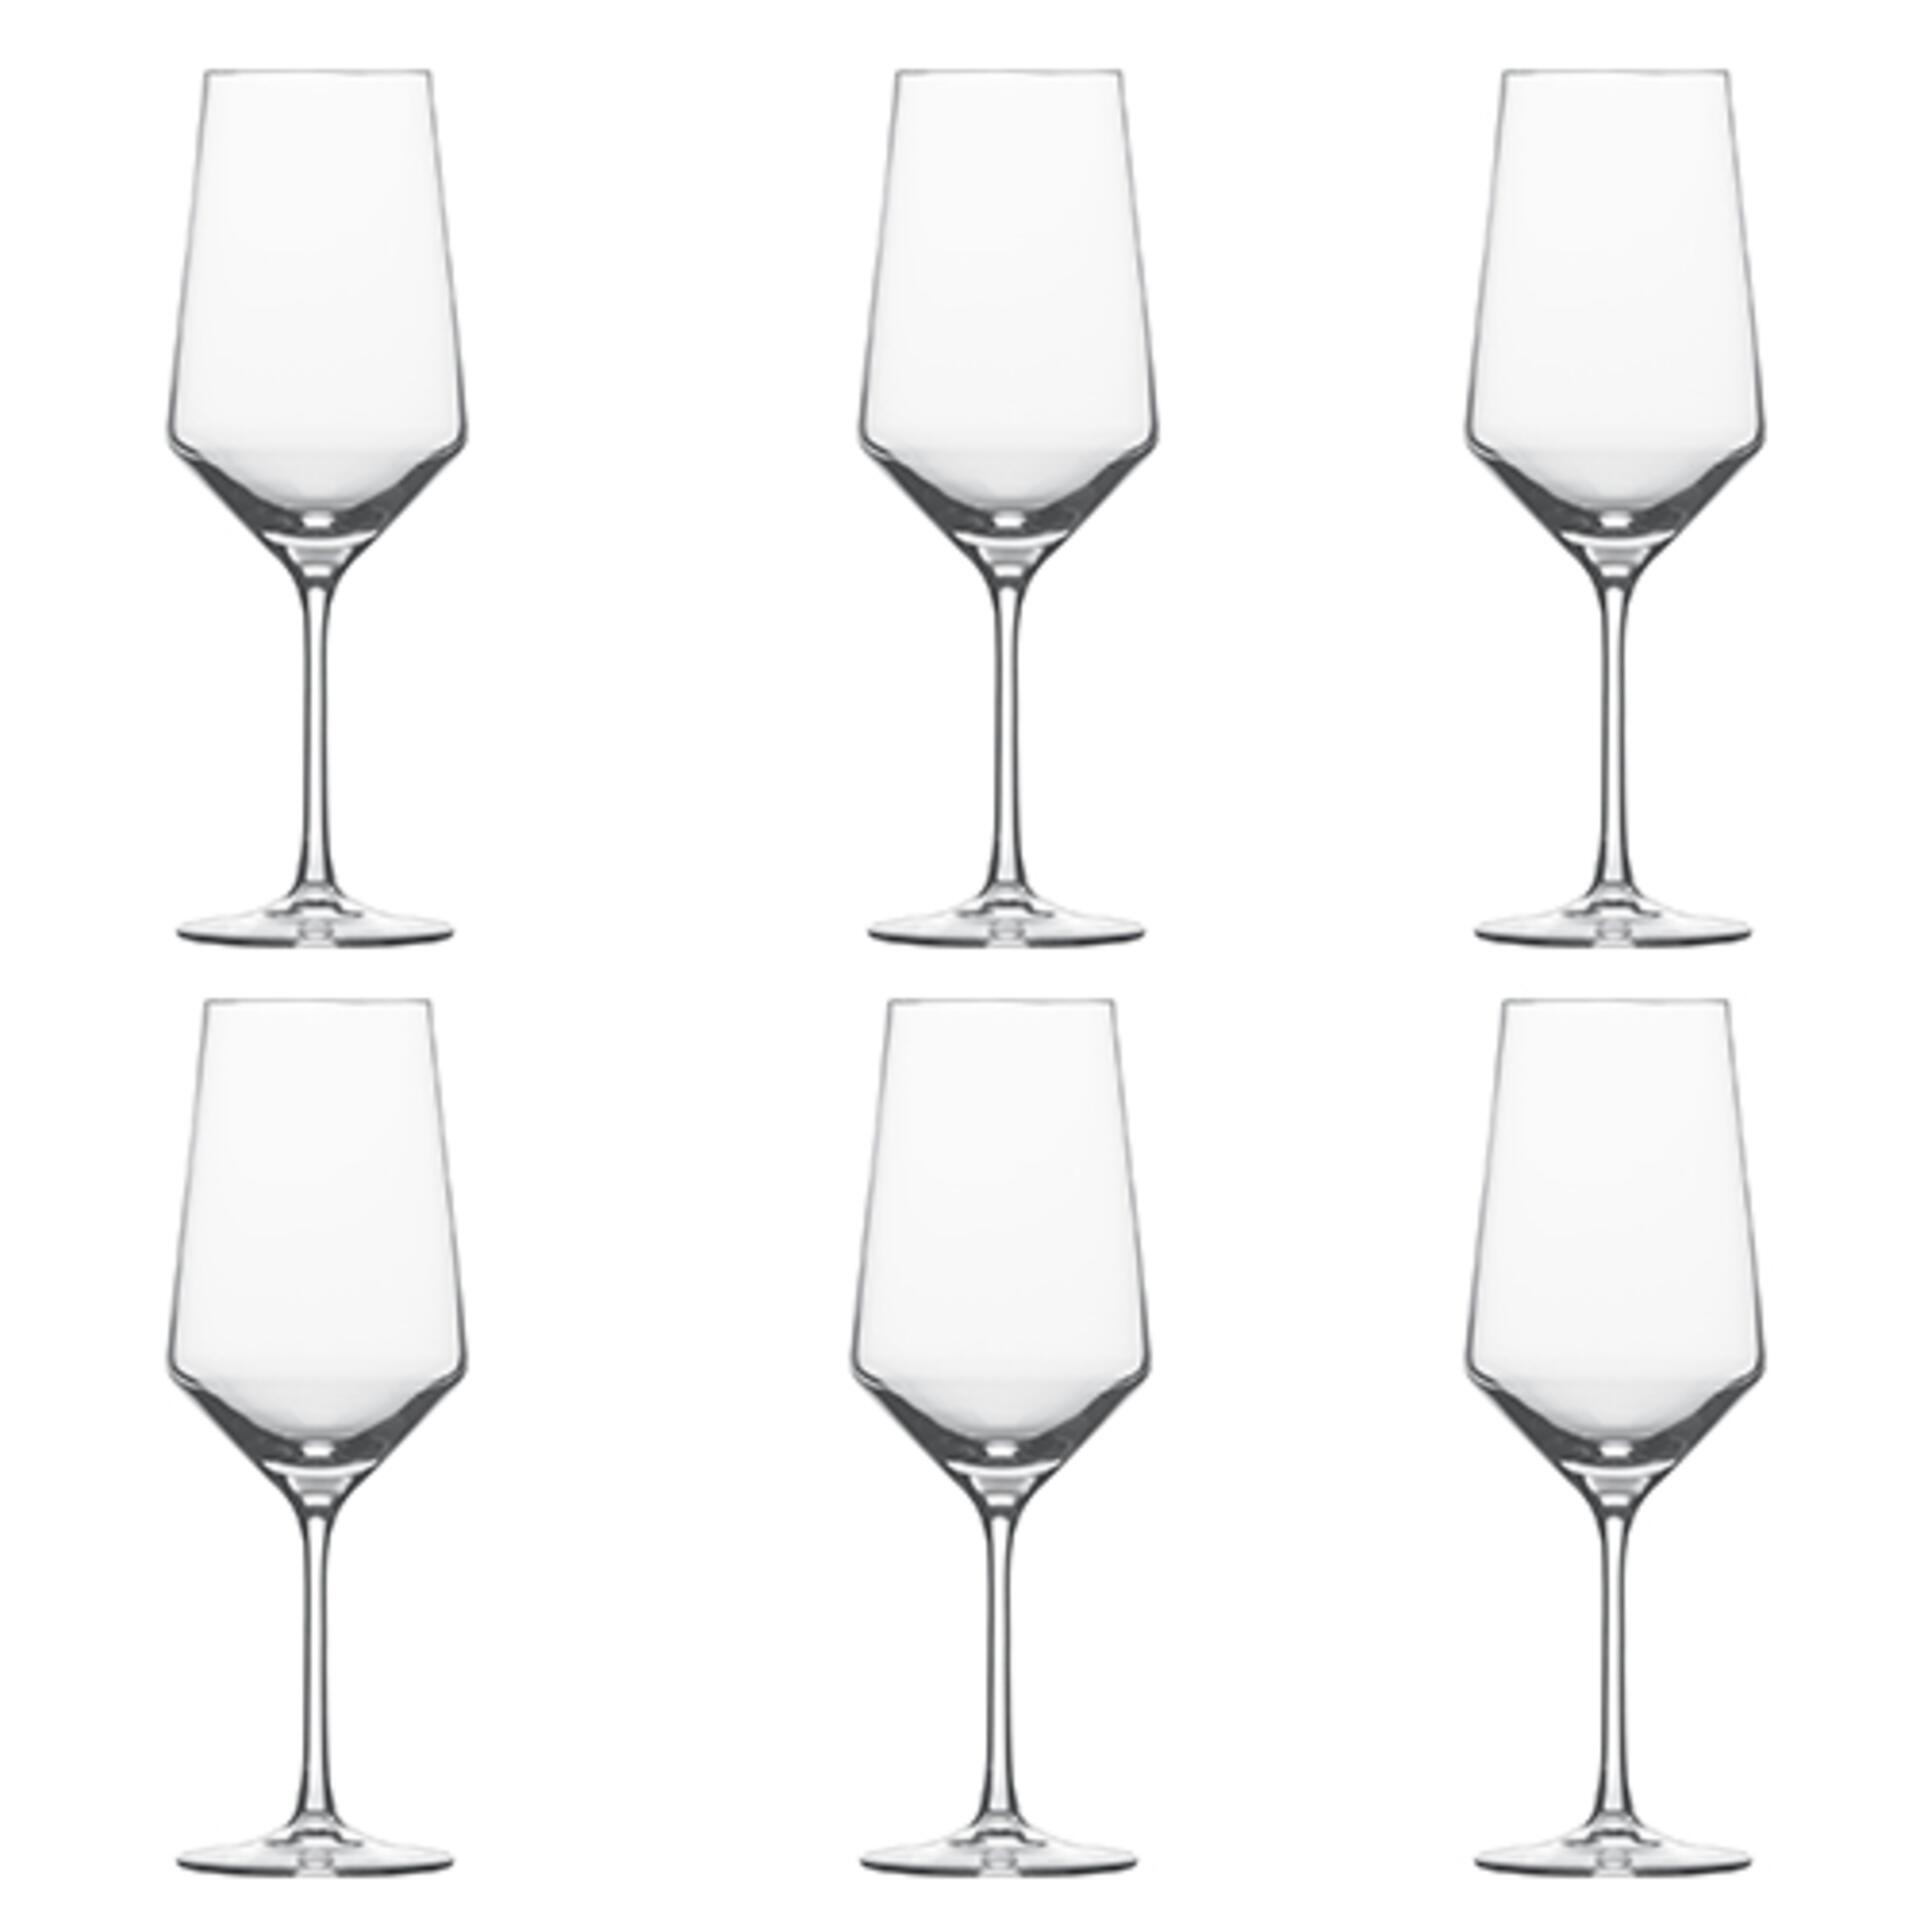 Schott Zwiesel Rotweinglas Set Bordeaux Pure